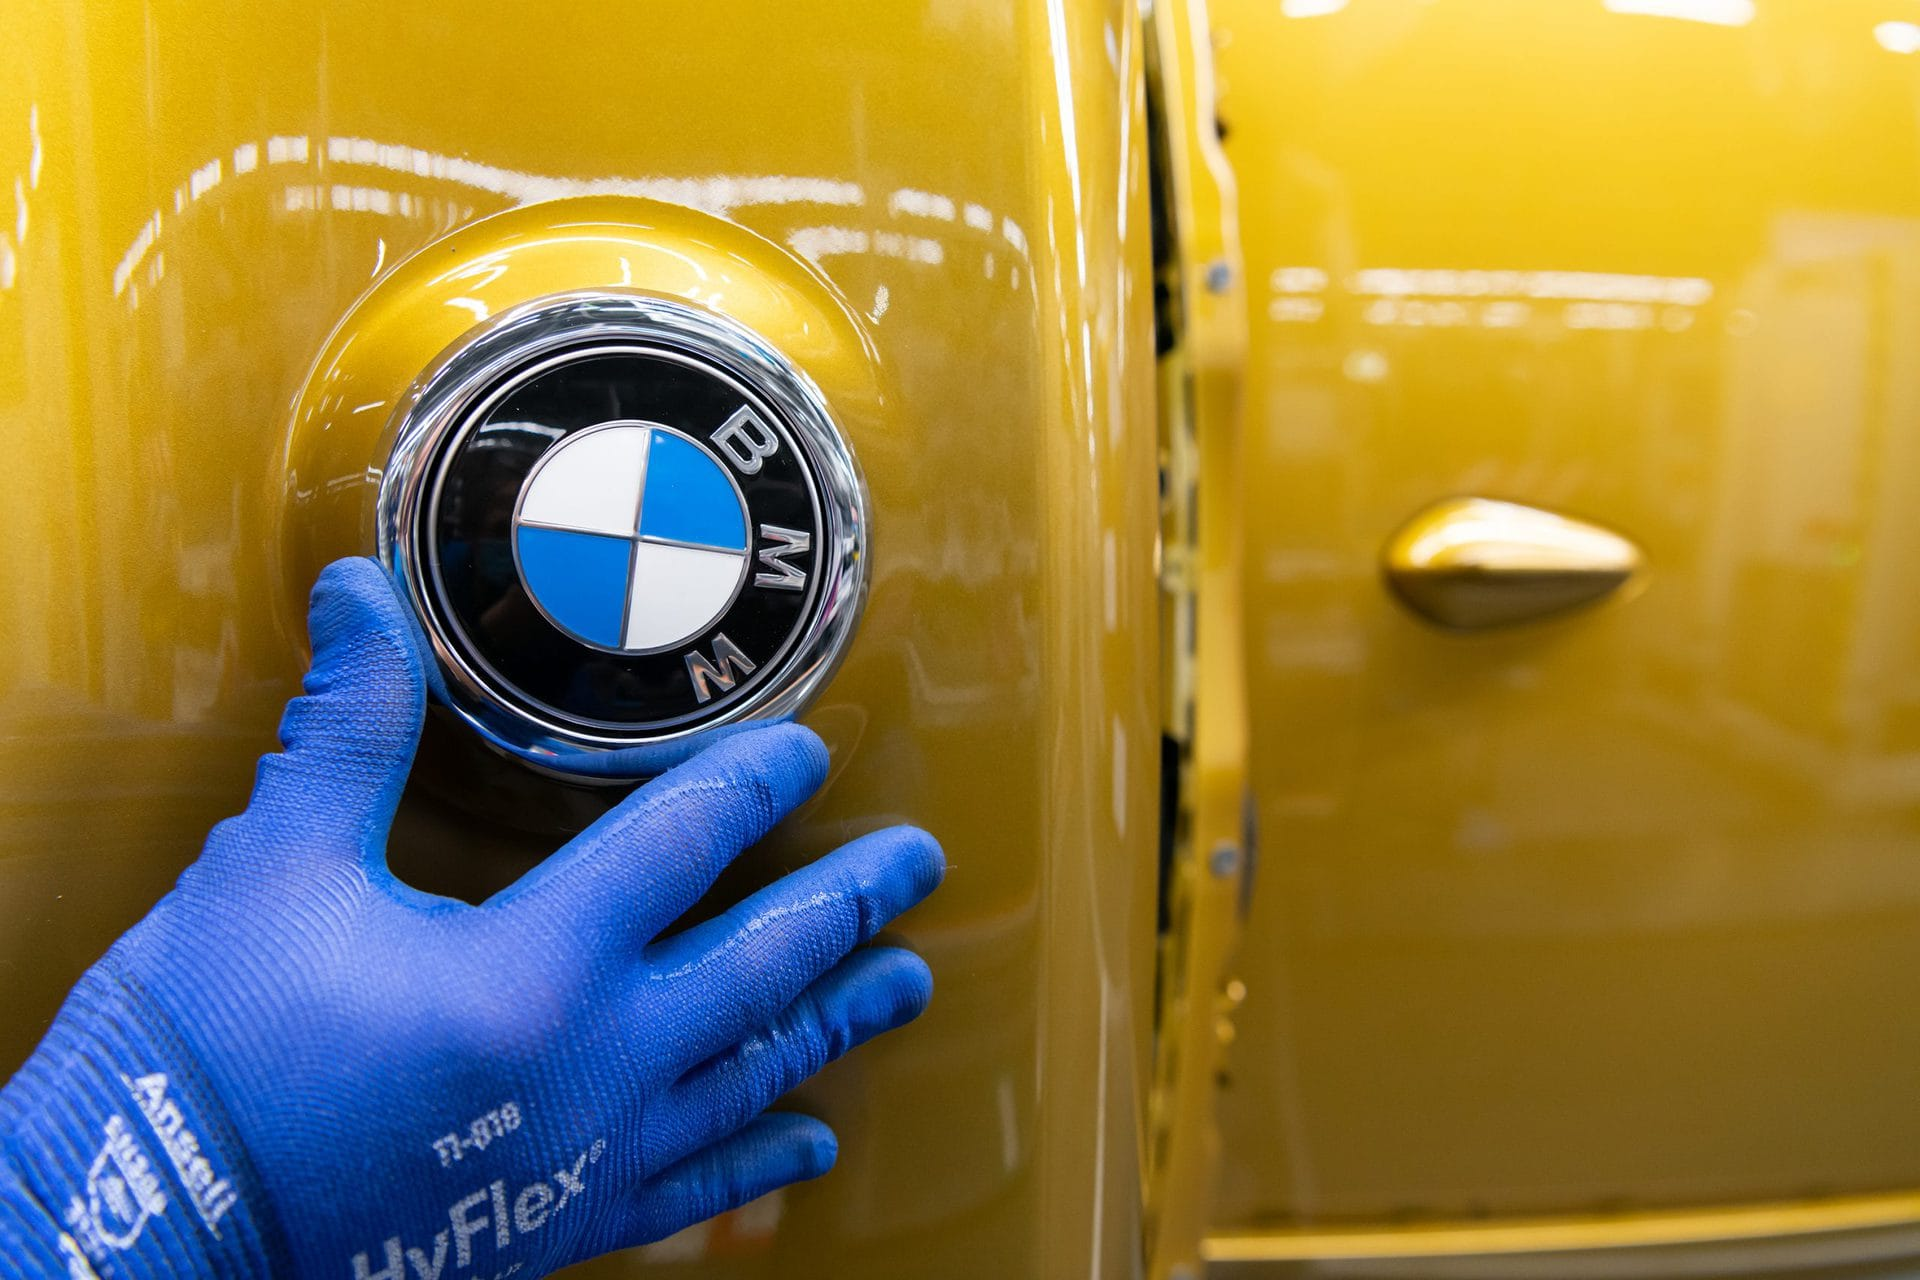 Flexibel auf dem Weg in die Zukunft Seit Ostern gilt bei BMW in Regensburg ein neues Arbeitszeitmodell